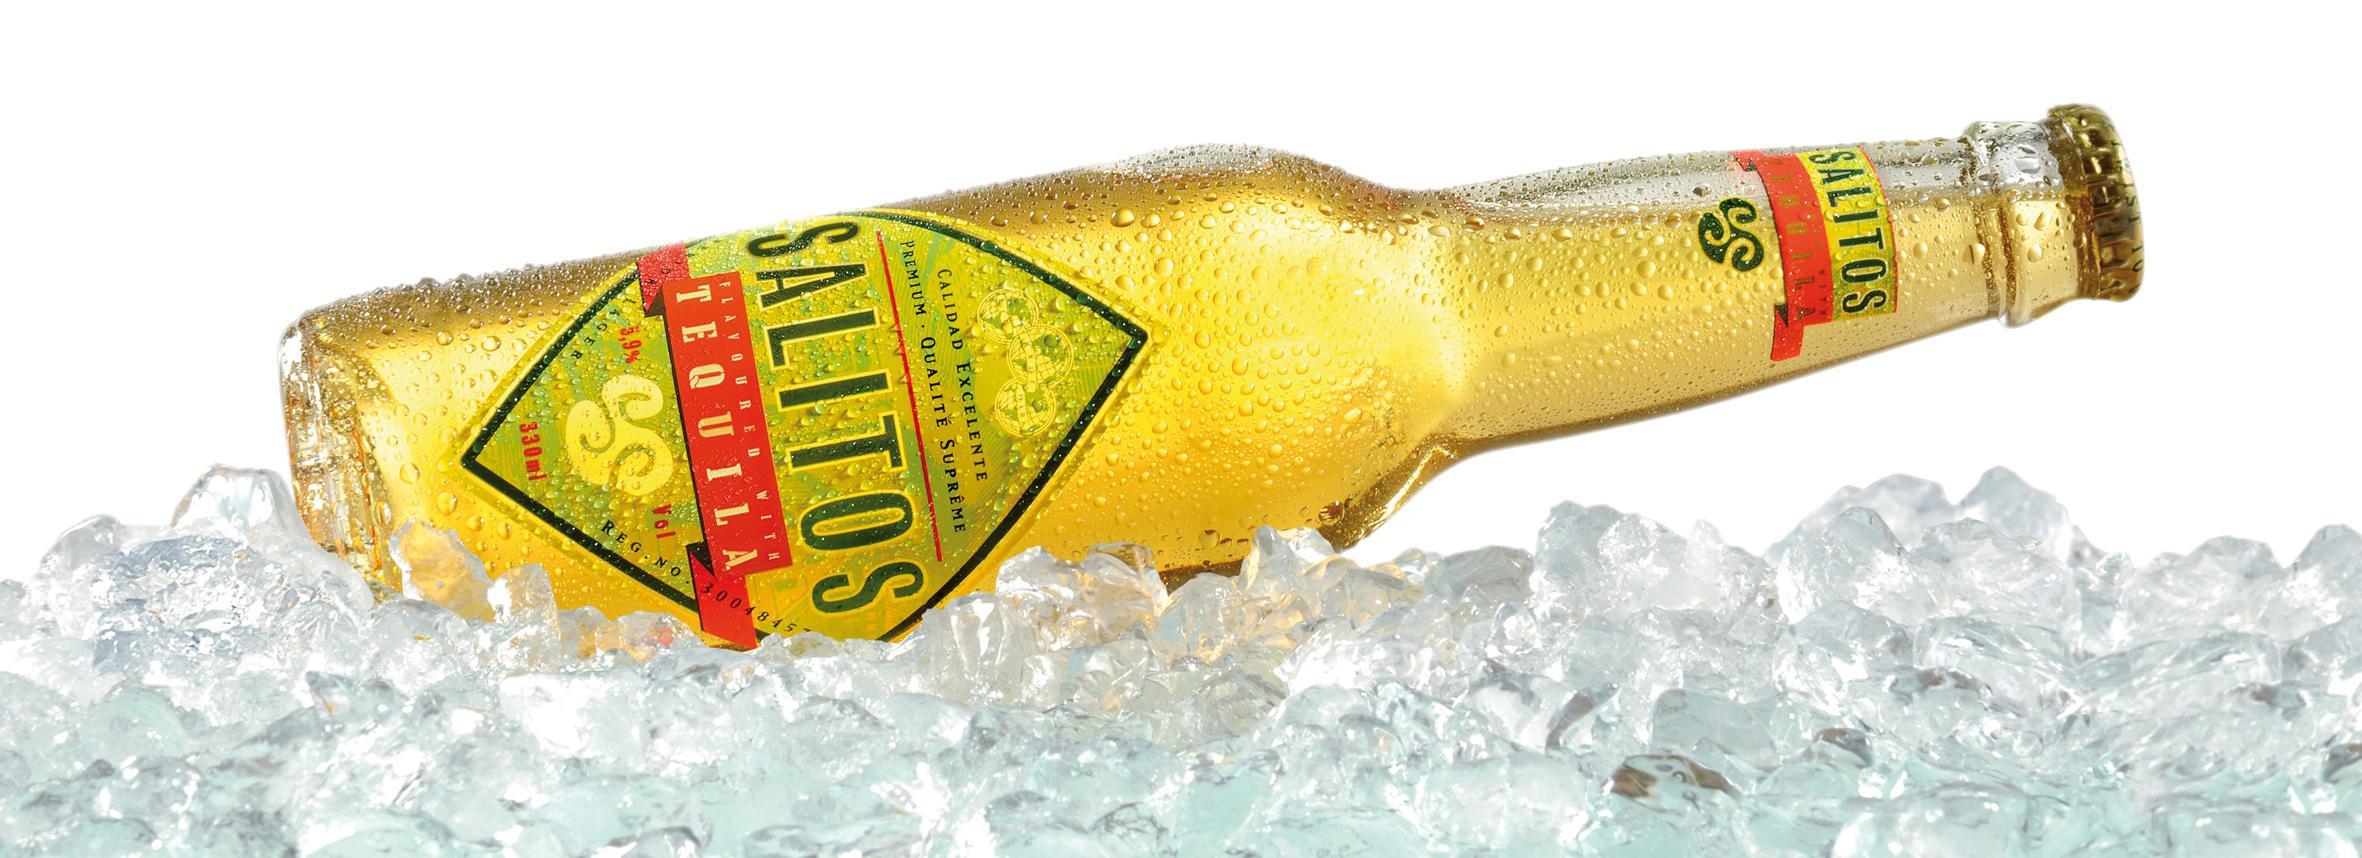 MBG – Pressemitteilung Getränkebranche | Mercurio Drinks